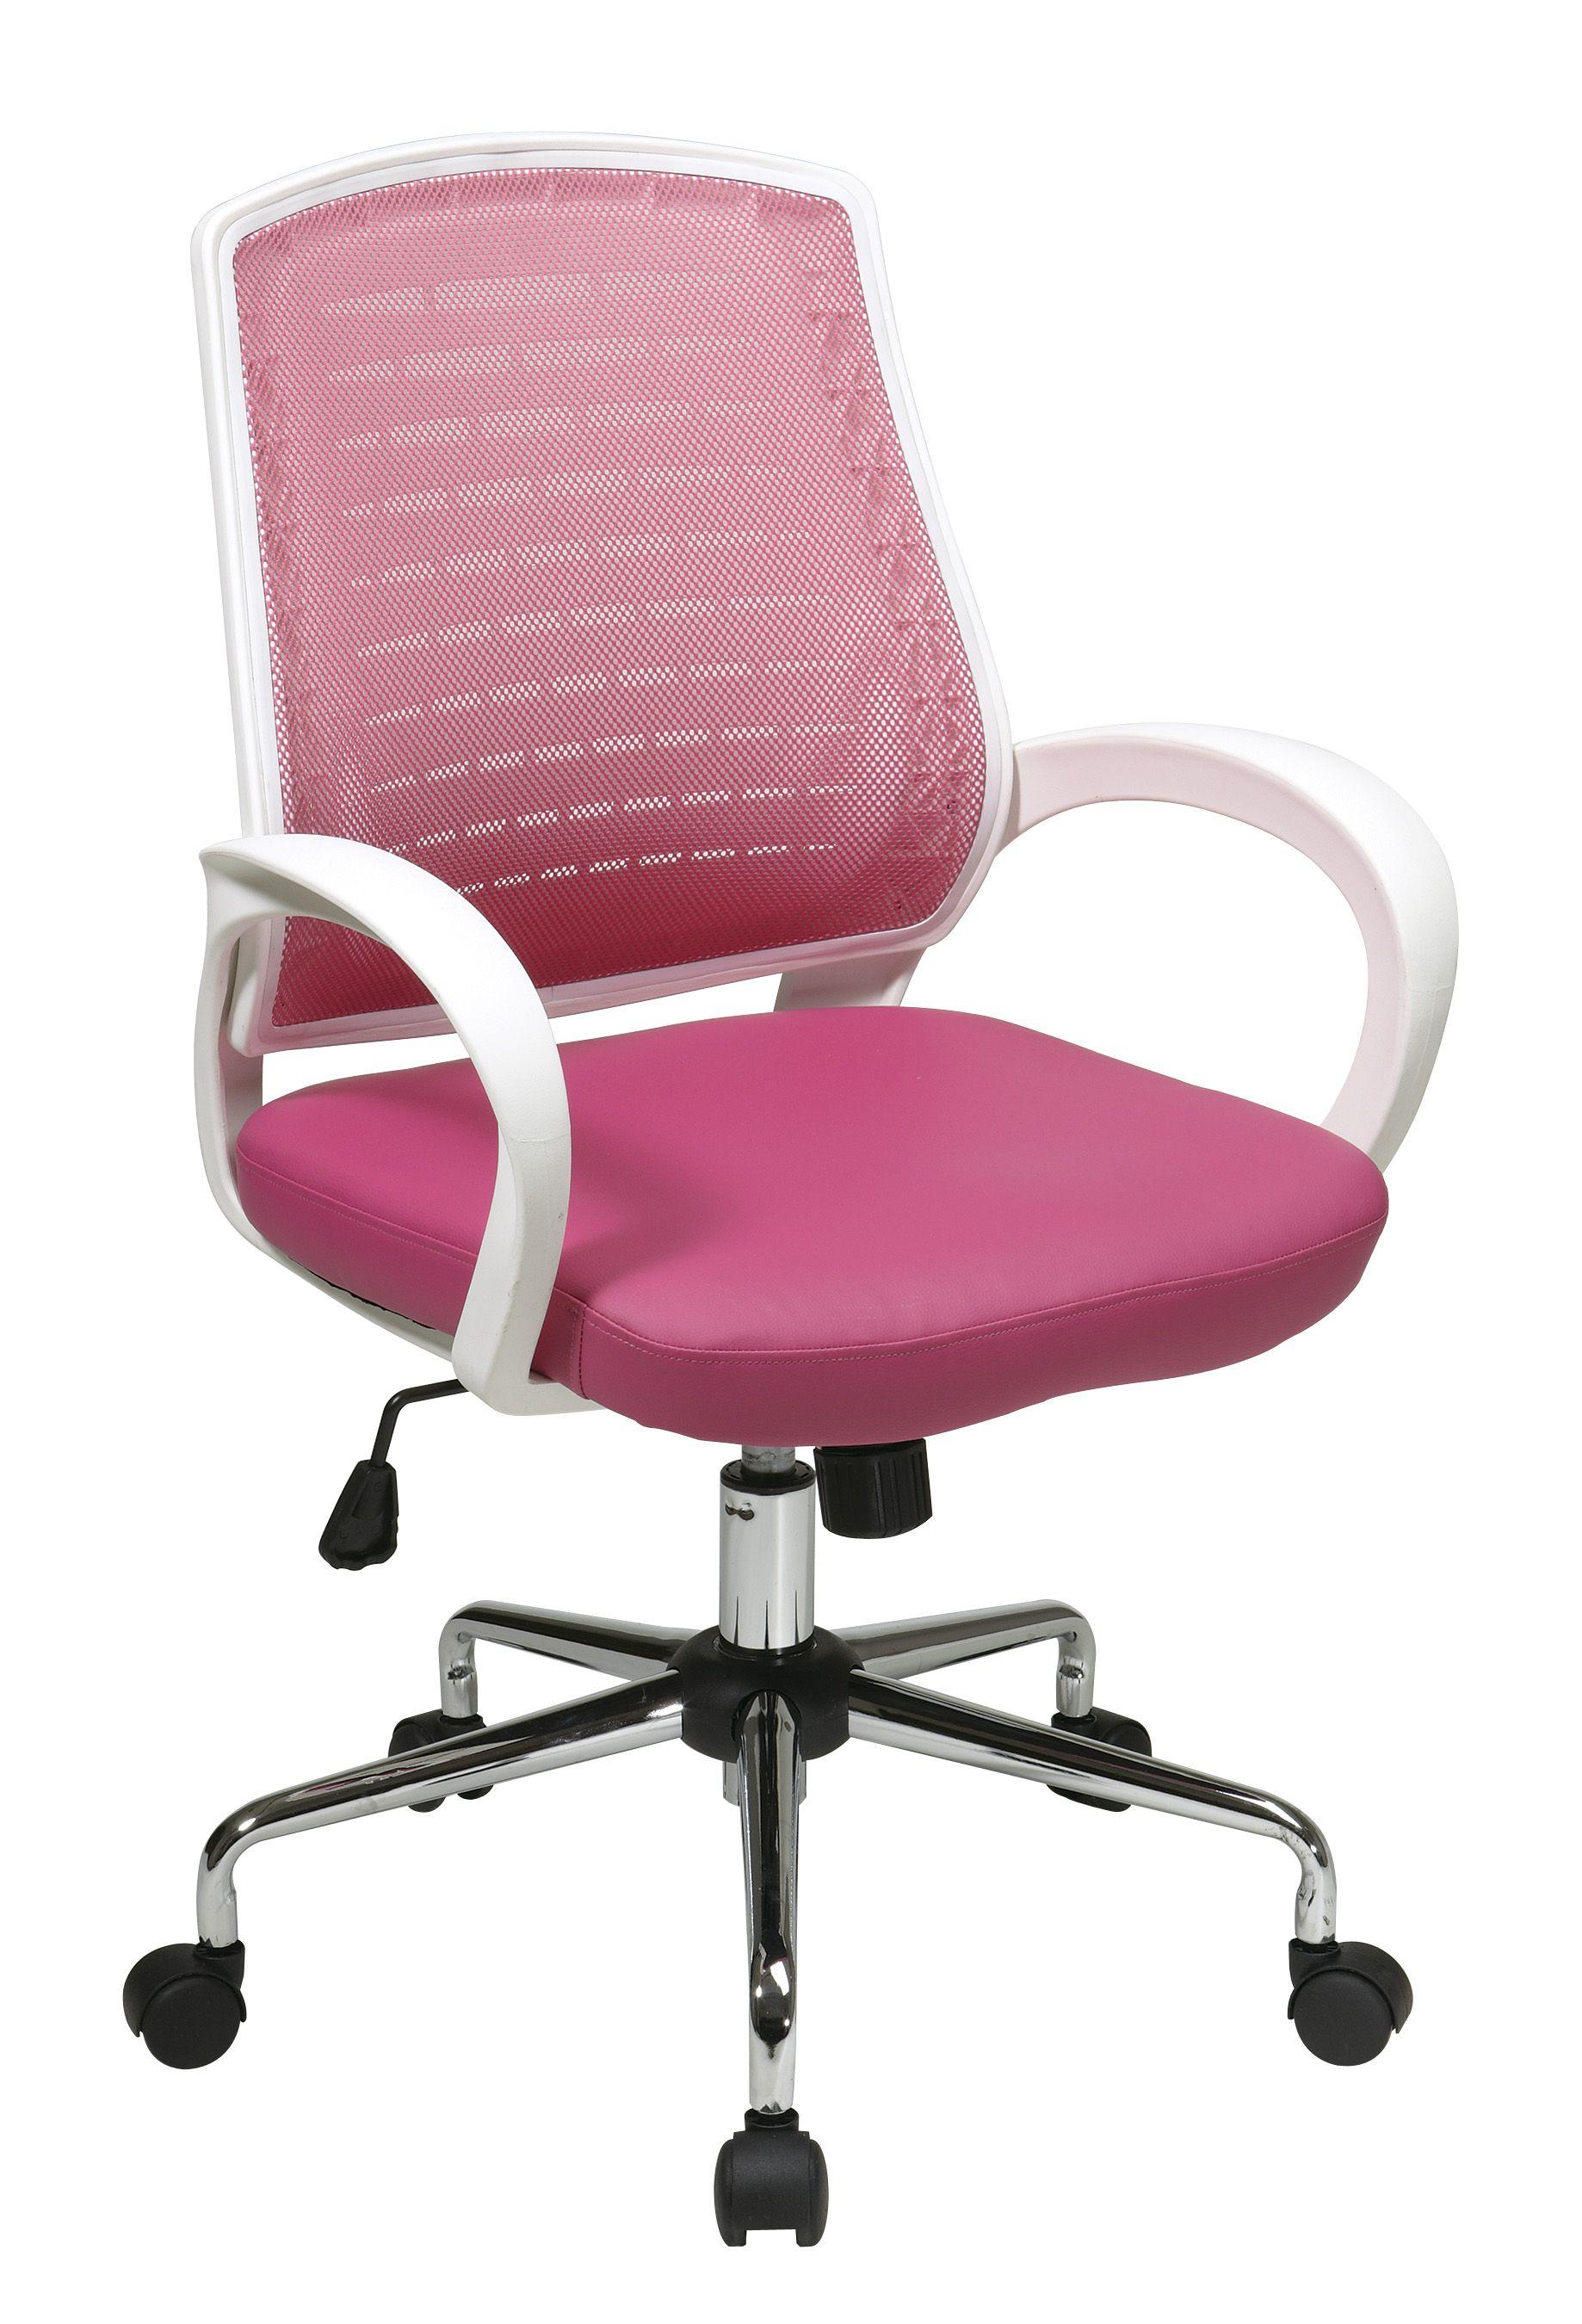 Moderne Gemütliche Design Büro Stuhl Stil Idee Eine